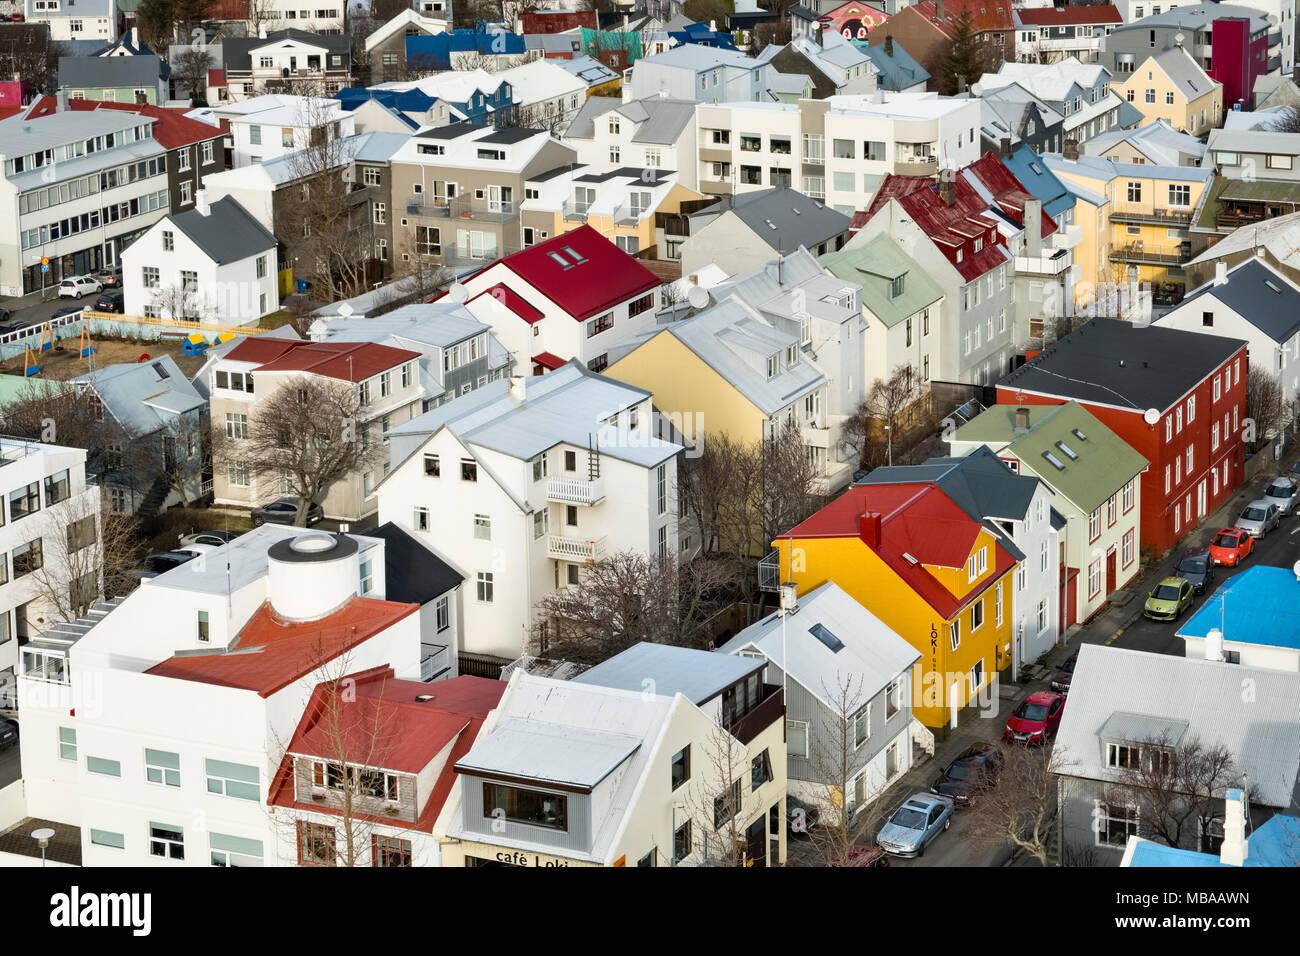 Reykjavik, Islande. La vue depuis la tour de l'église Hallgrimskirkja sur les maisons peintes de couleurs vives dans le centre de la ville Photo Stock